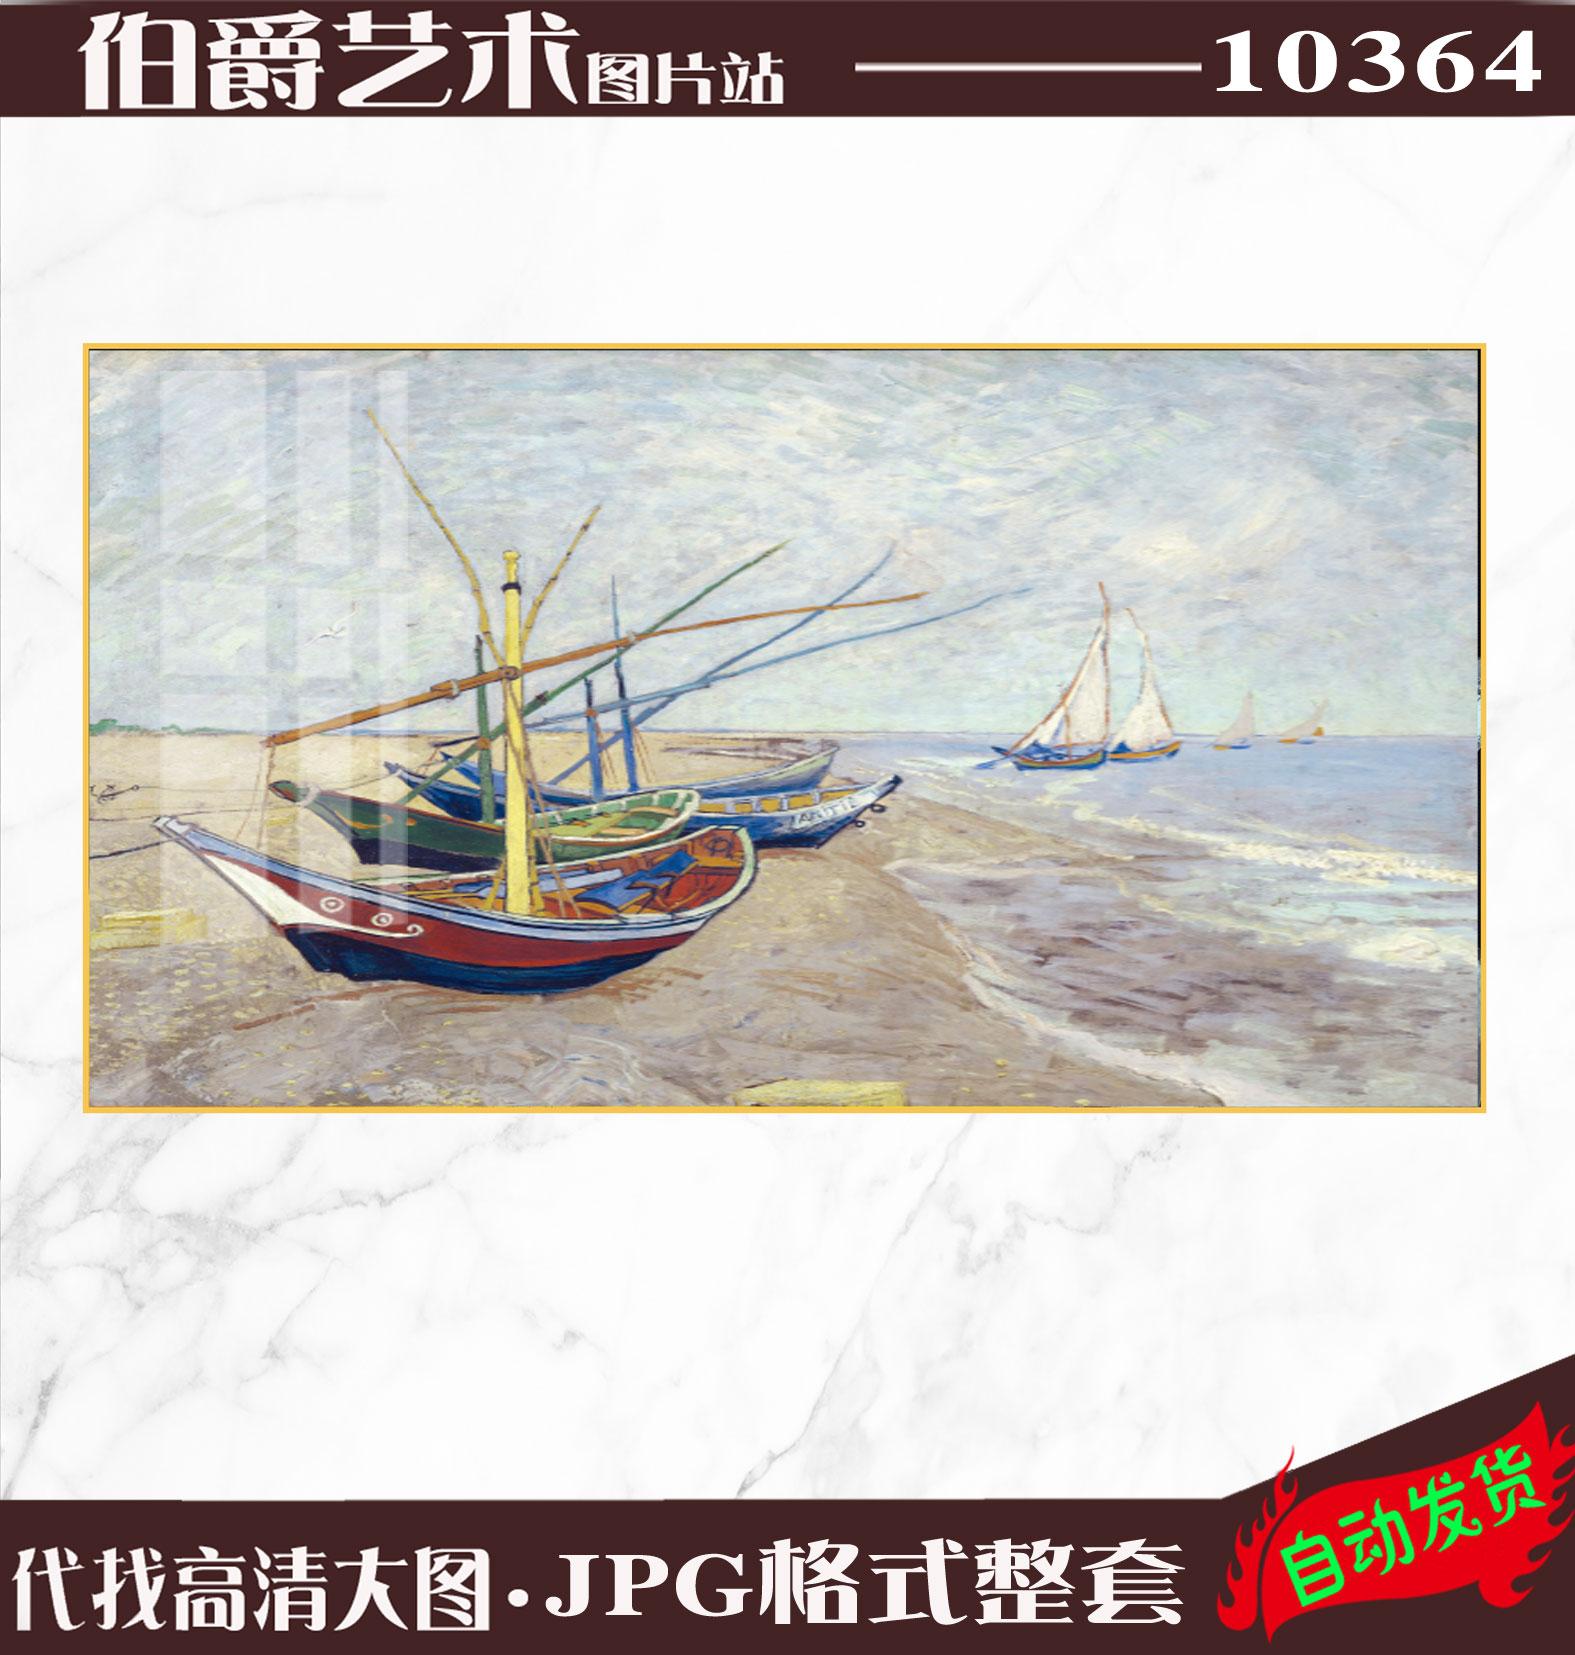 梵高名画凡高风景静物海边丰收渔船装饰画餐厅儿童房挂画高清素材